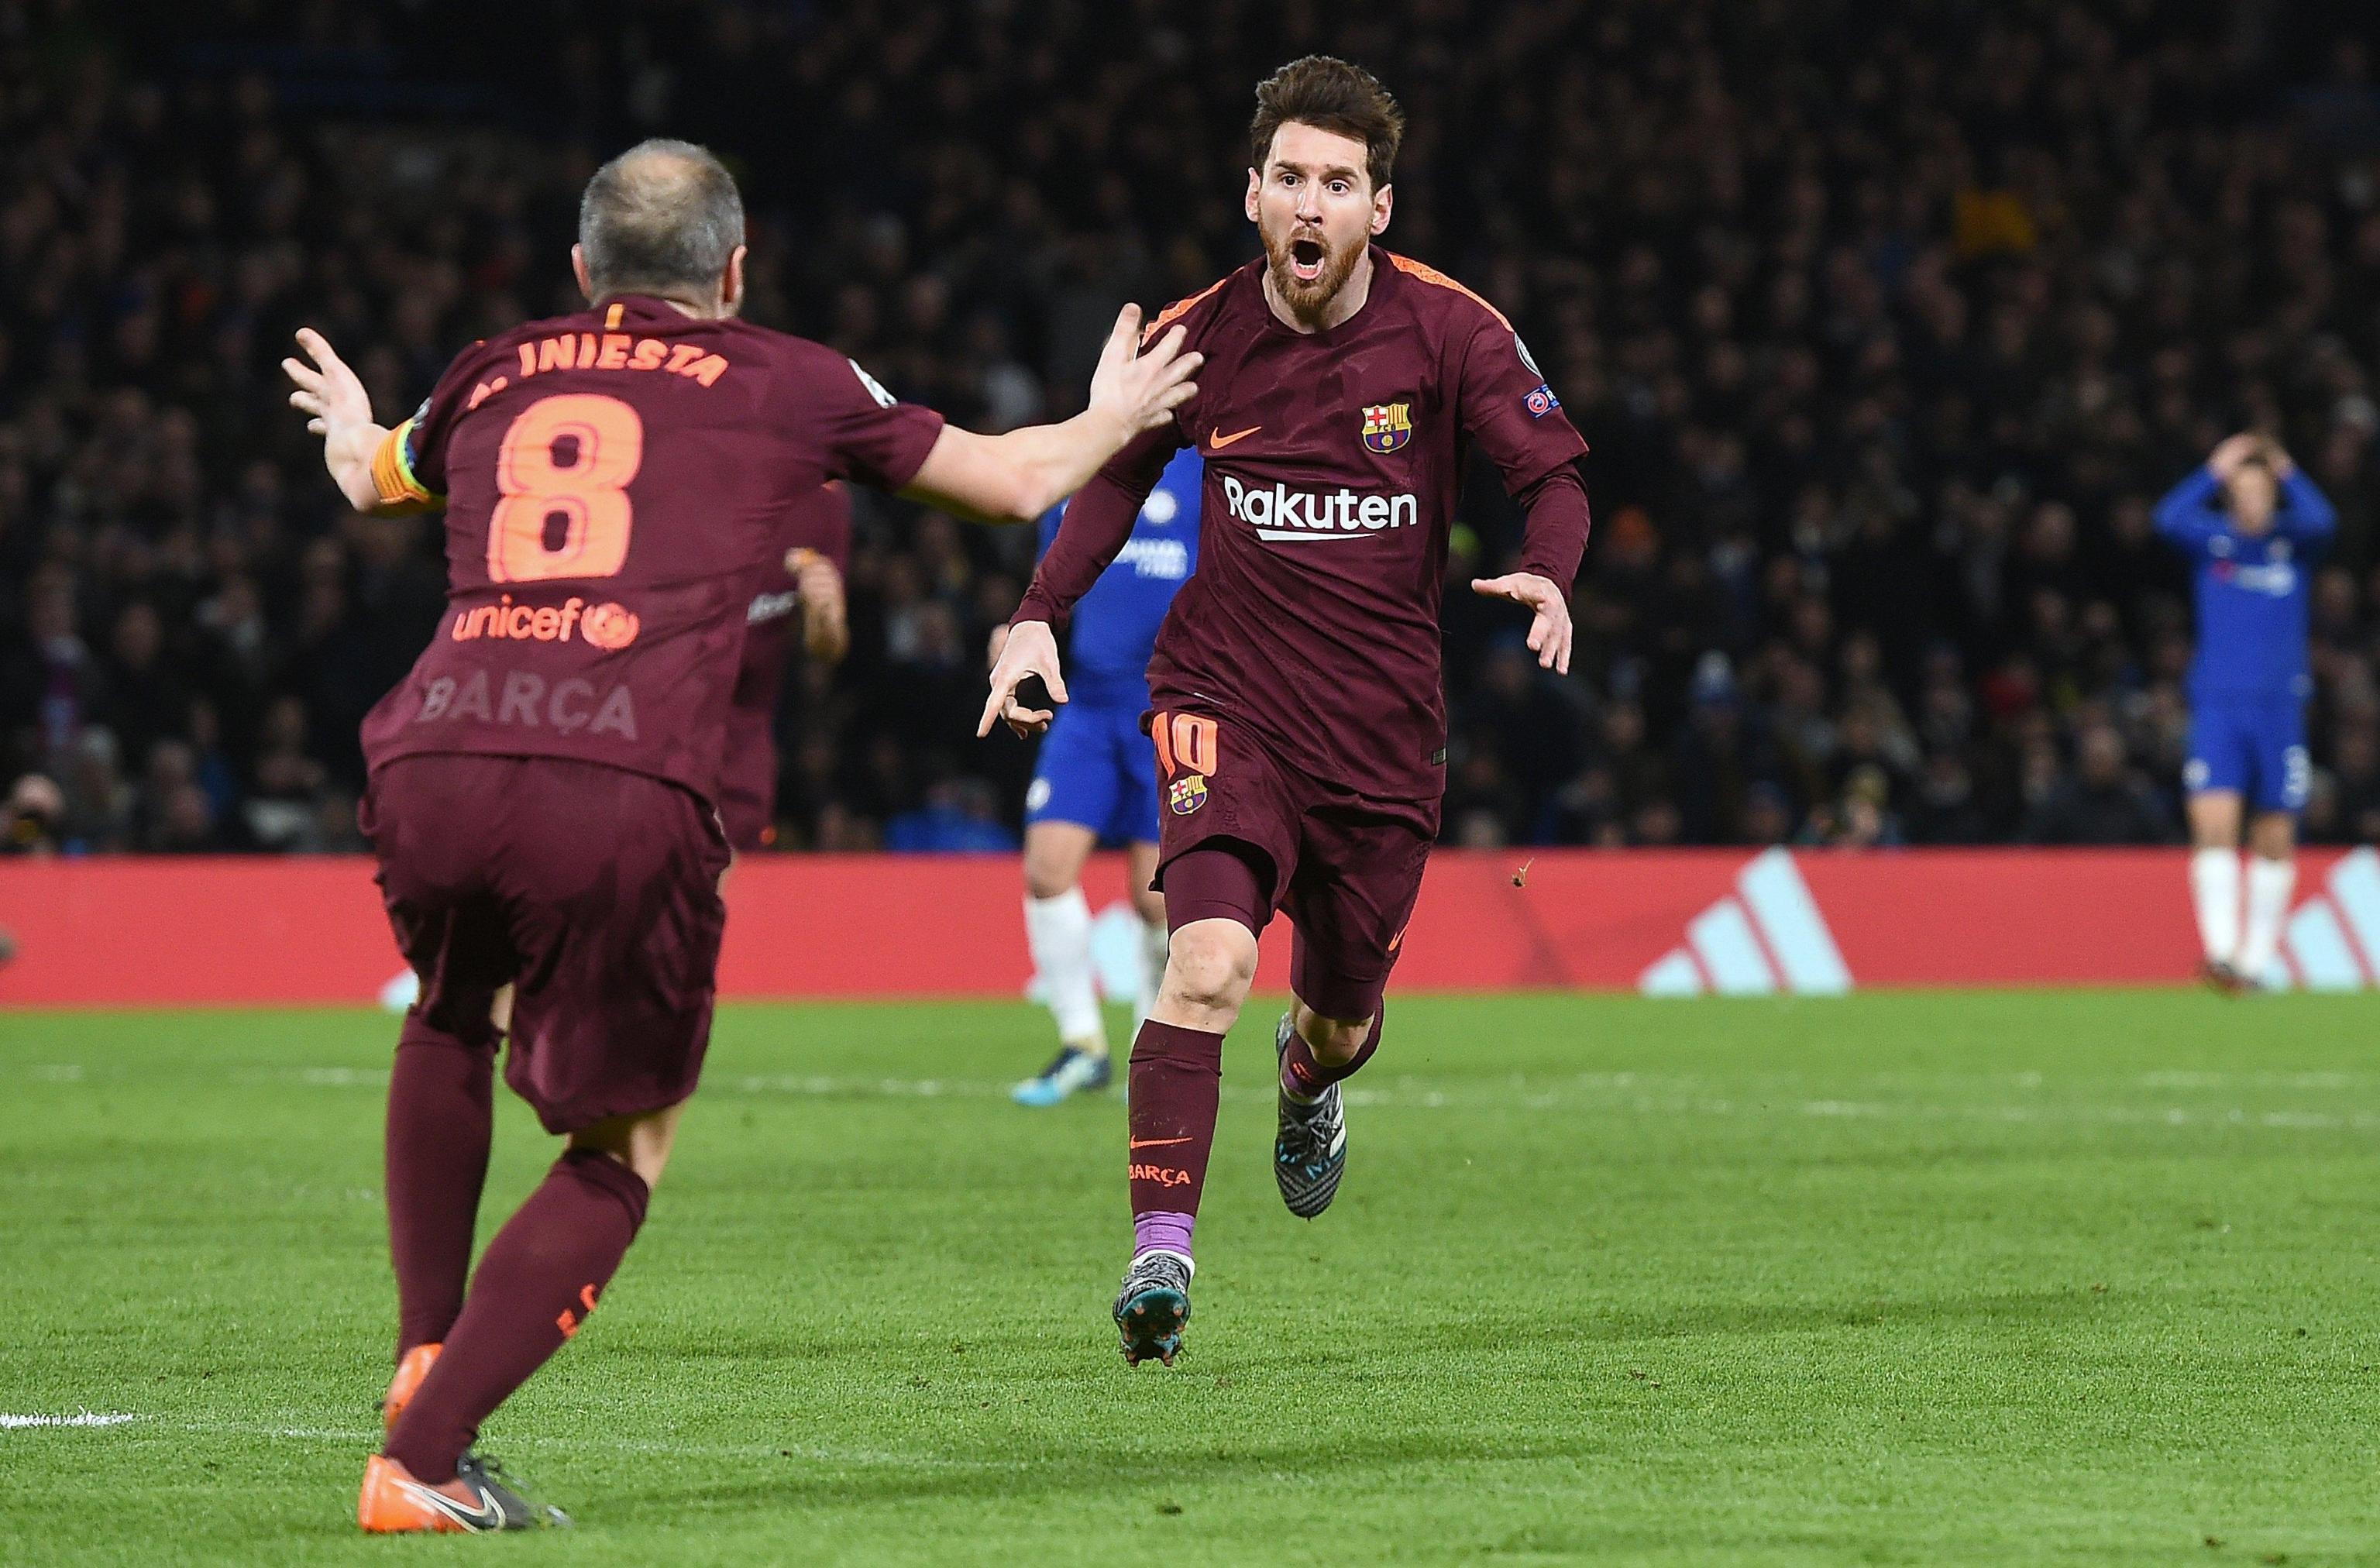 Nell'andata degli ottavi di Champions League, Chelsea e Barcellona pareggiano 1-1 e rimandano il discorso qualificazione al Camp Nou il 14 marzo. A Stamford Bridge il grande protagonista della serata è Willian, che colpisce due pali (33' e 41') e segna il gol dell'1-0 al 62'. A salvare il Barcellona ci pensa Messi al 75', ma l'errore di Marcos Alonso è davvero grave: la Pulce sfata un tabù, visto che in 8 precedenti non aveva mai segnato ai Blues.